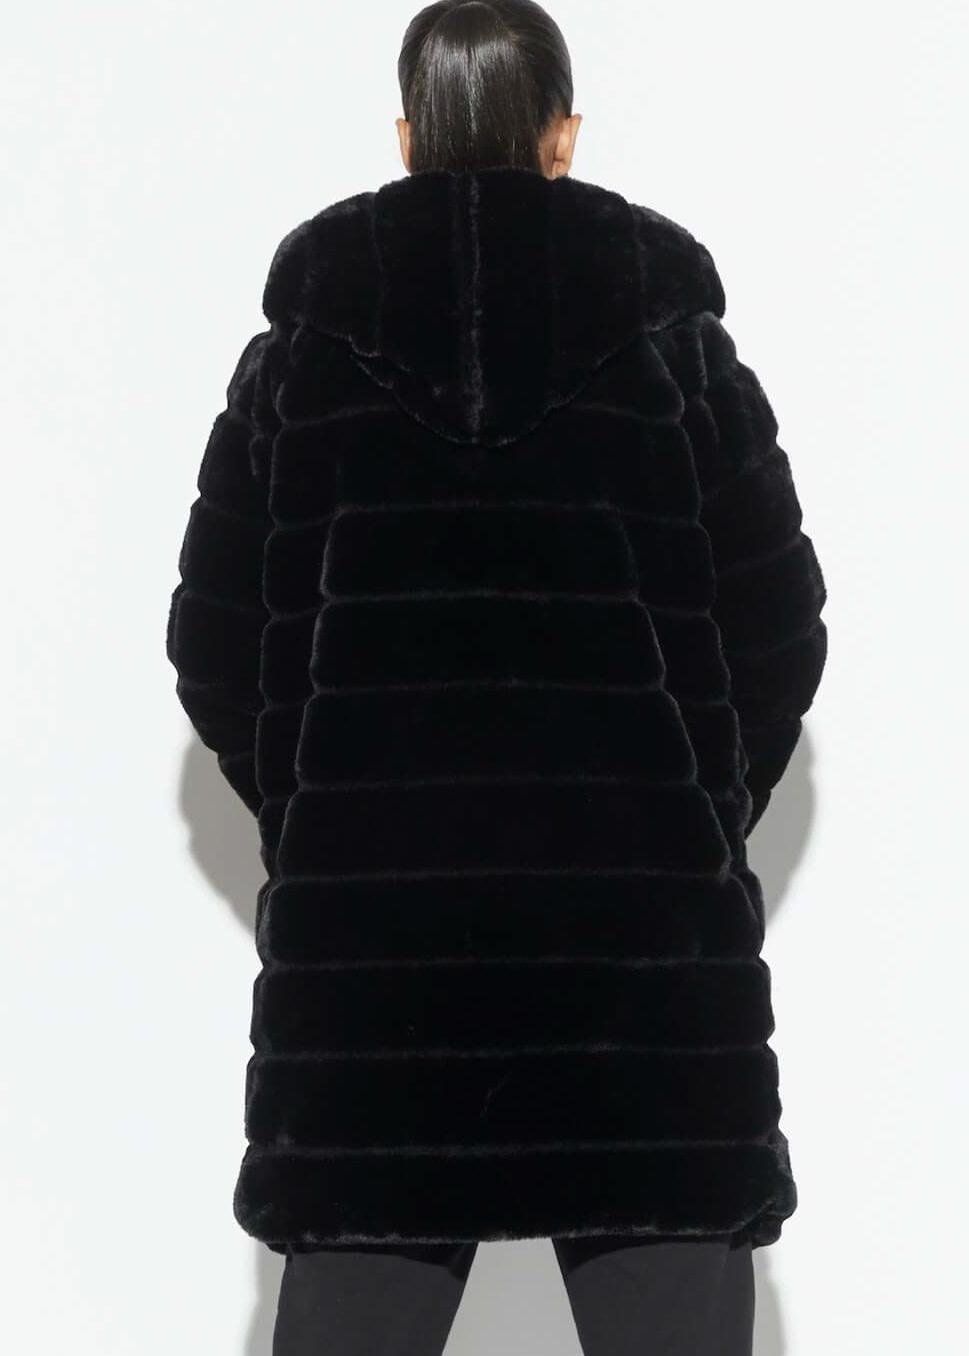 APPARIS Celina hooded jacket black